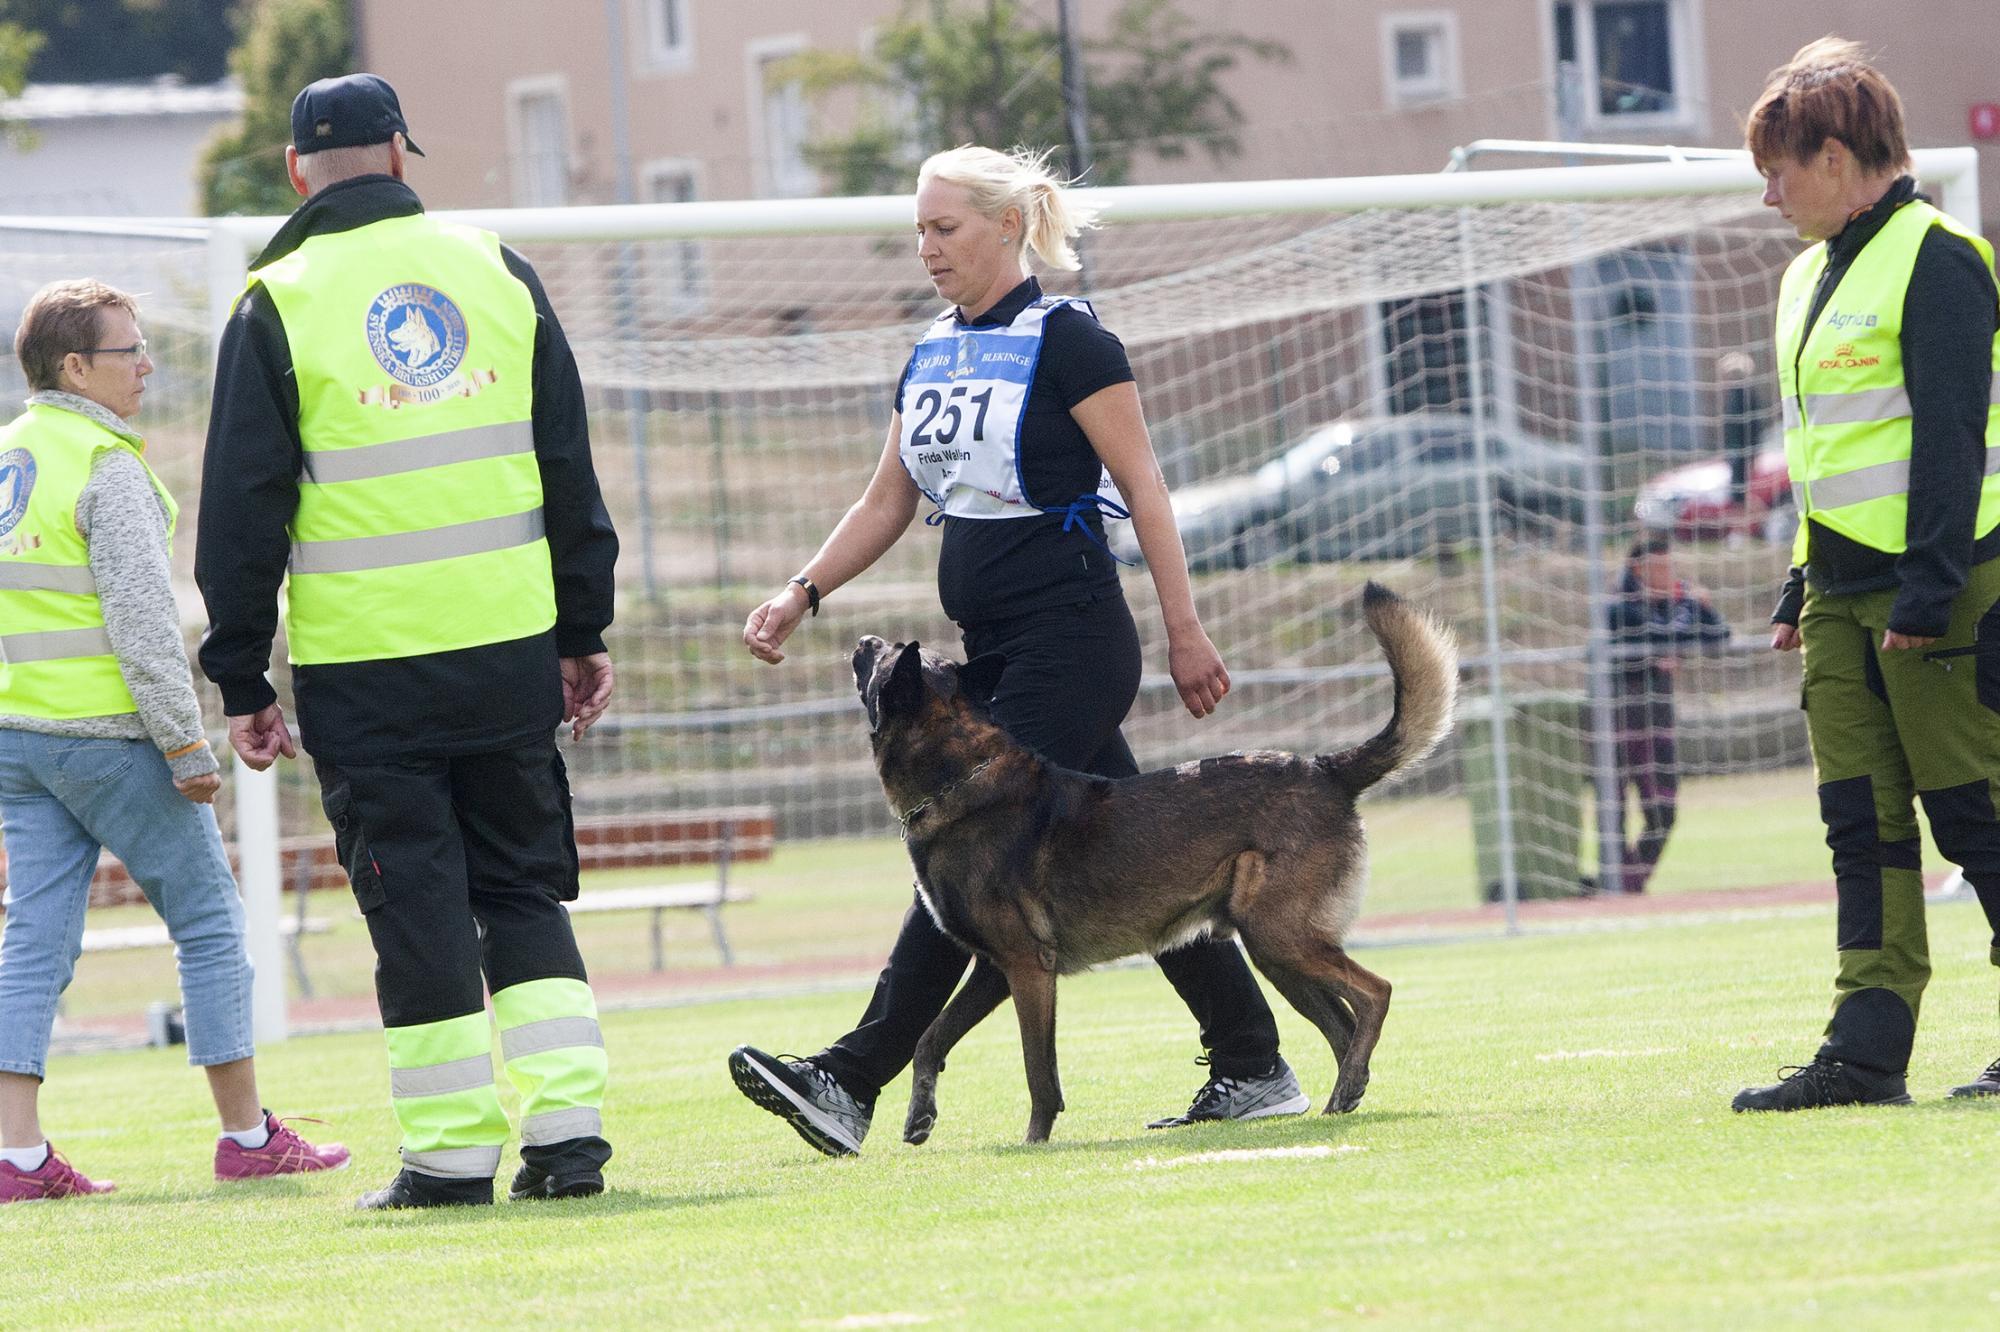 Frida Wallén & Bruksviljans Amen var överlägsna vinnare av SM för IPO-hundarna. Nu är Bruksviljans Amen utsedd till årets IOP-hund.